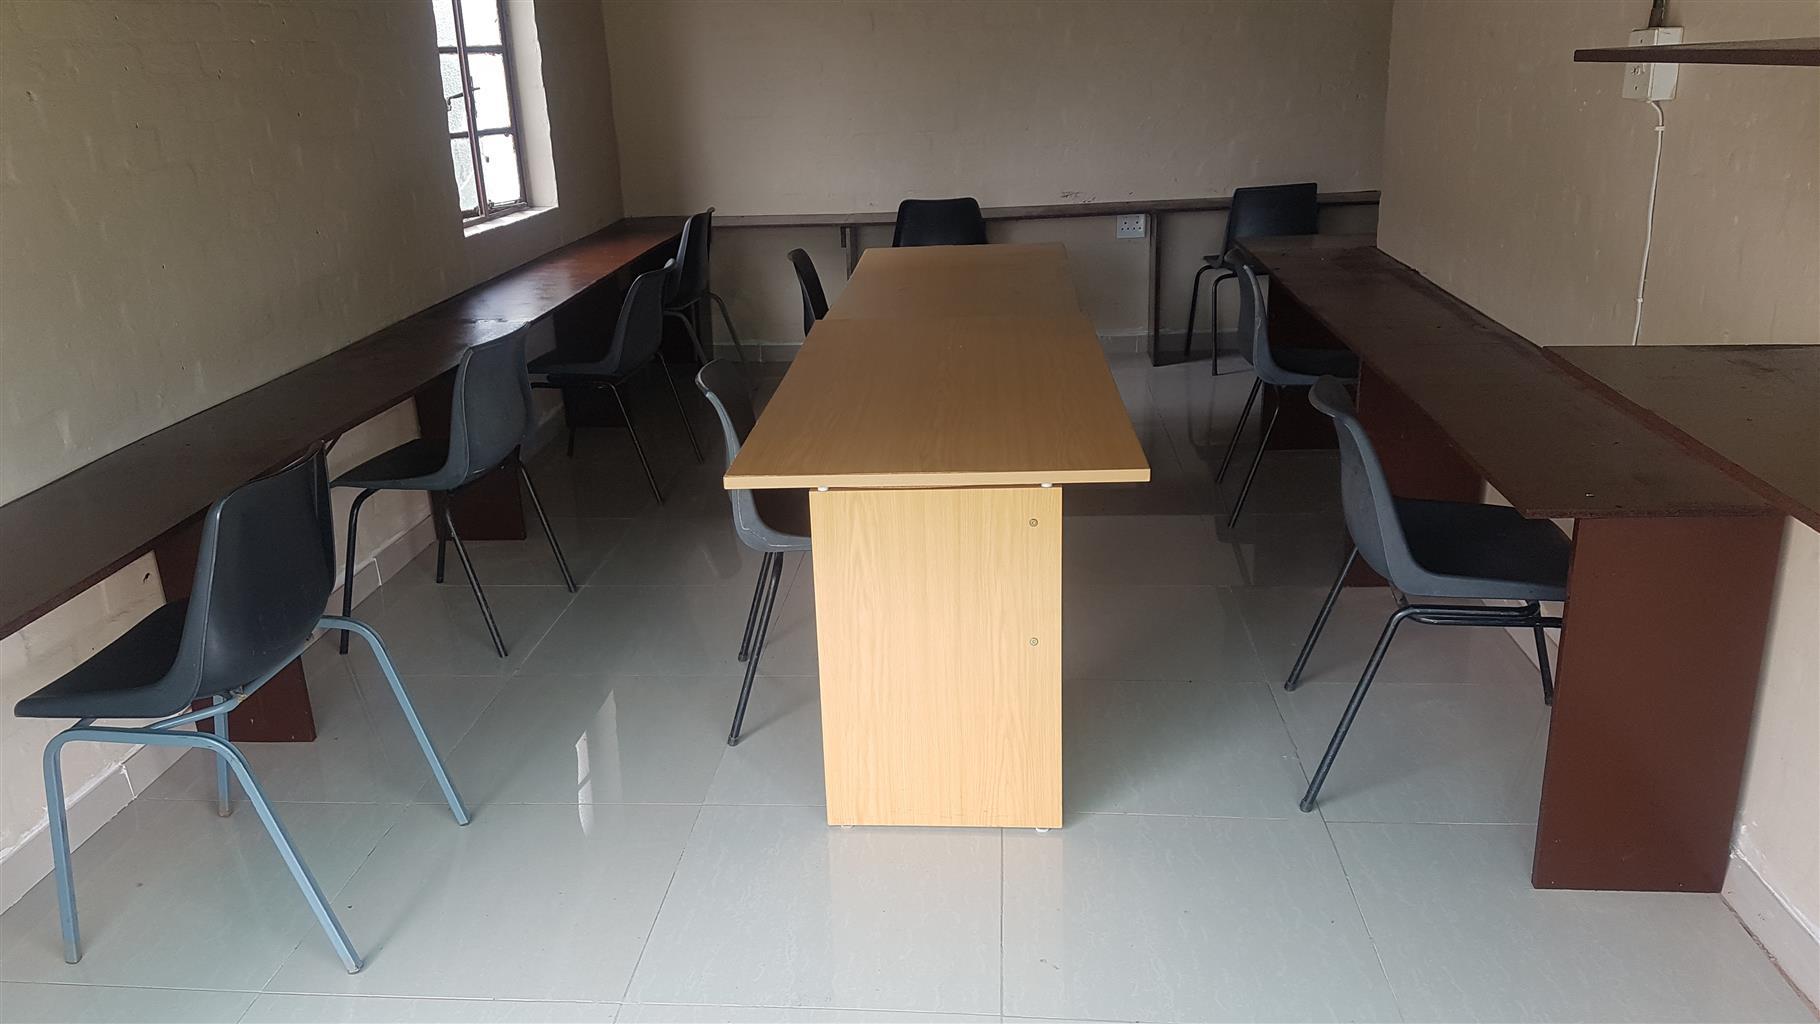 Female student accommodation